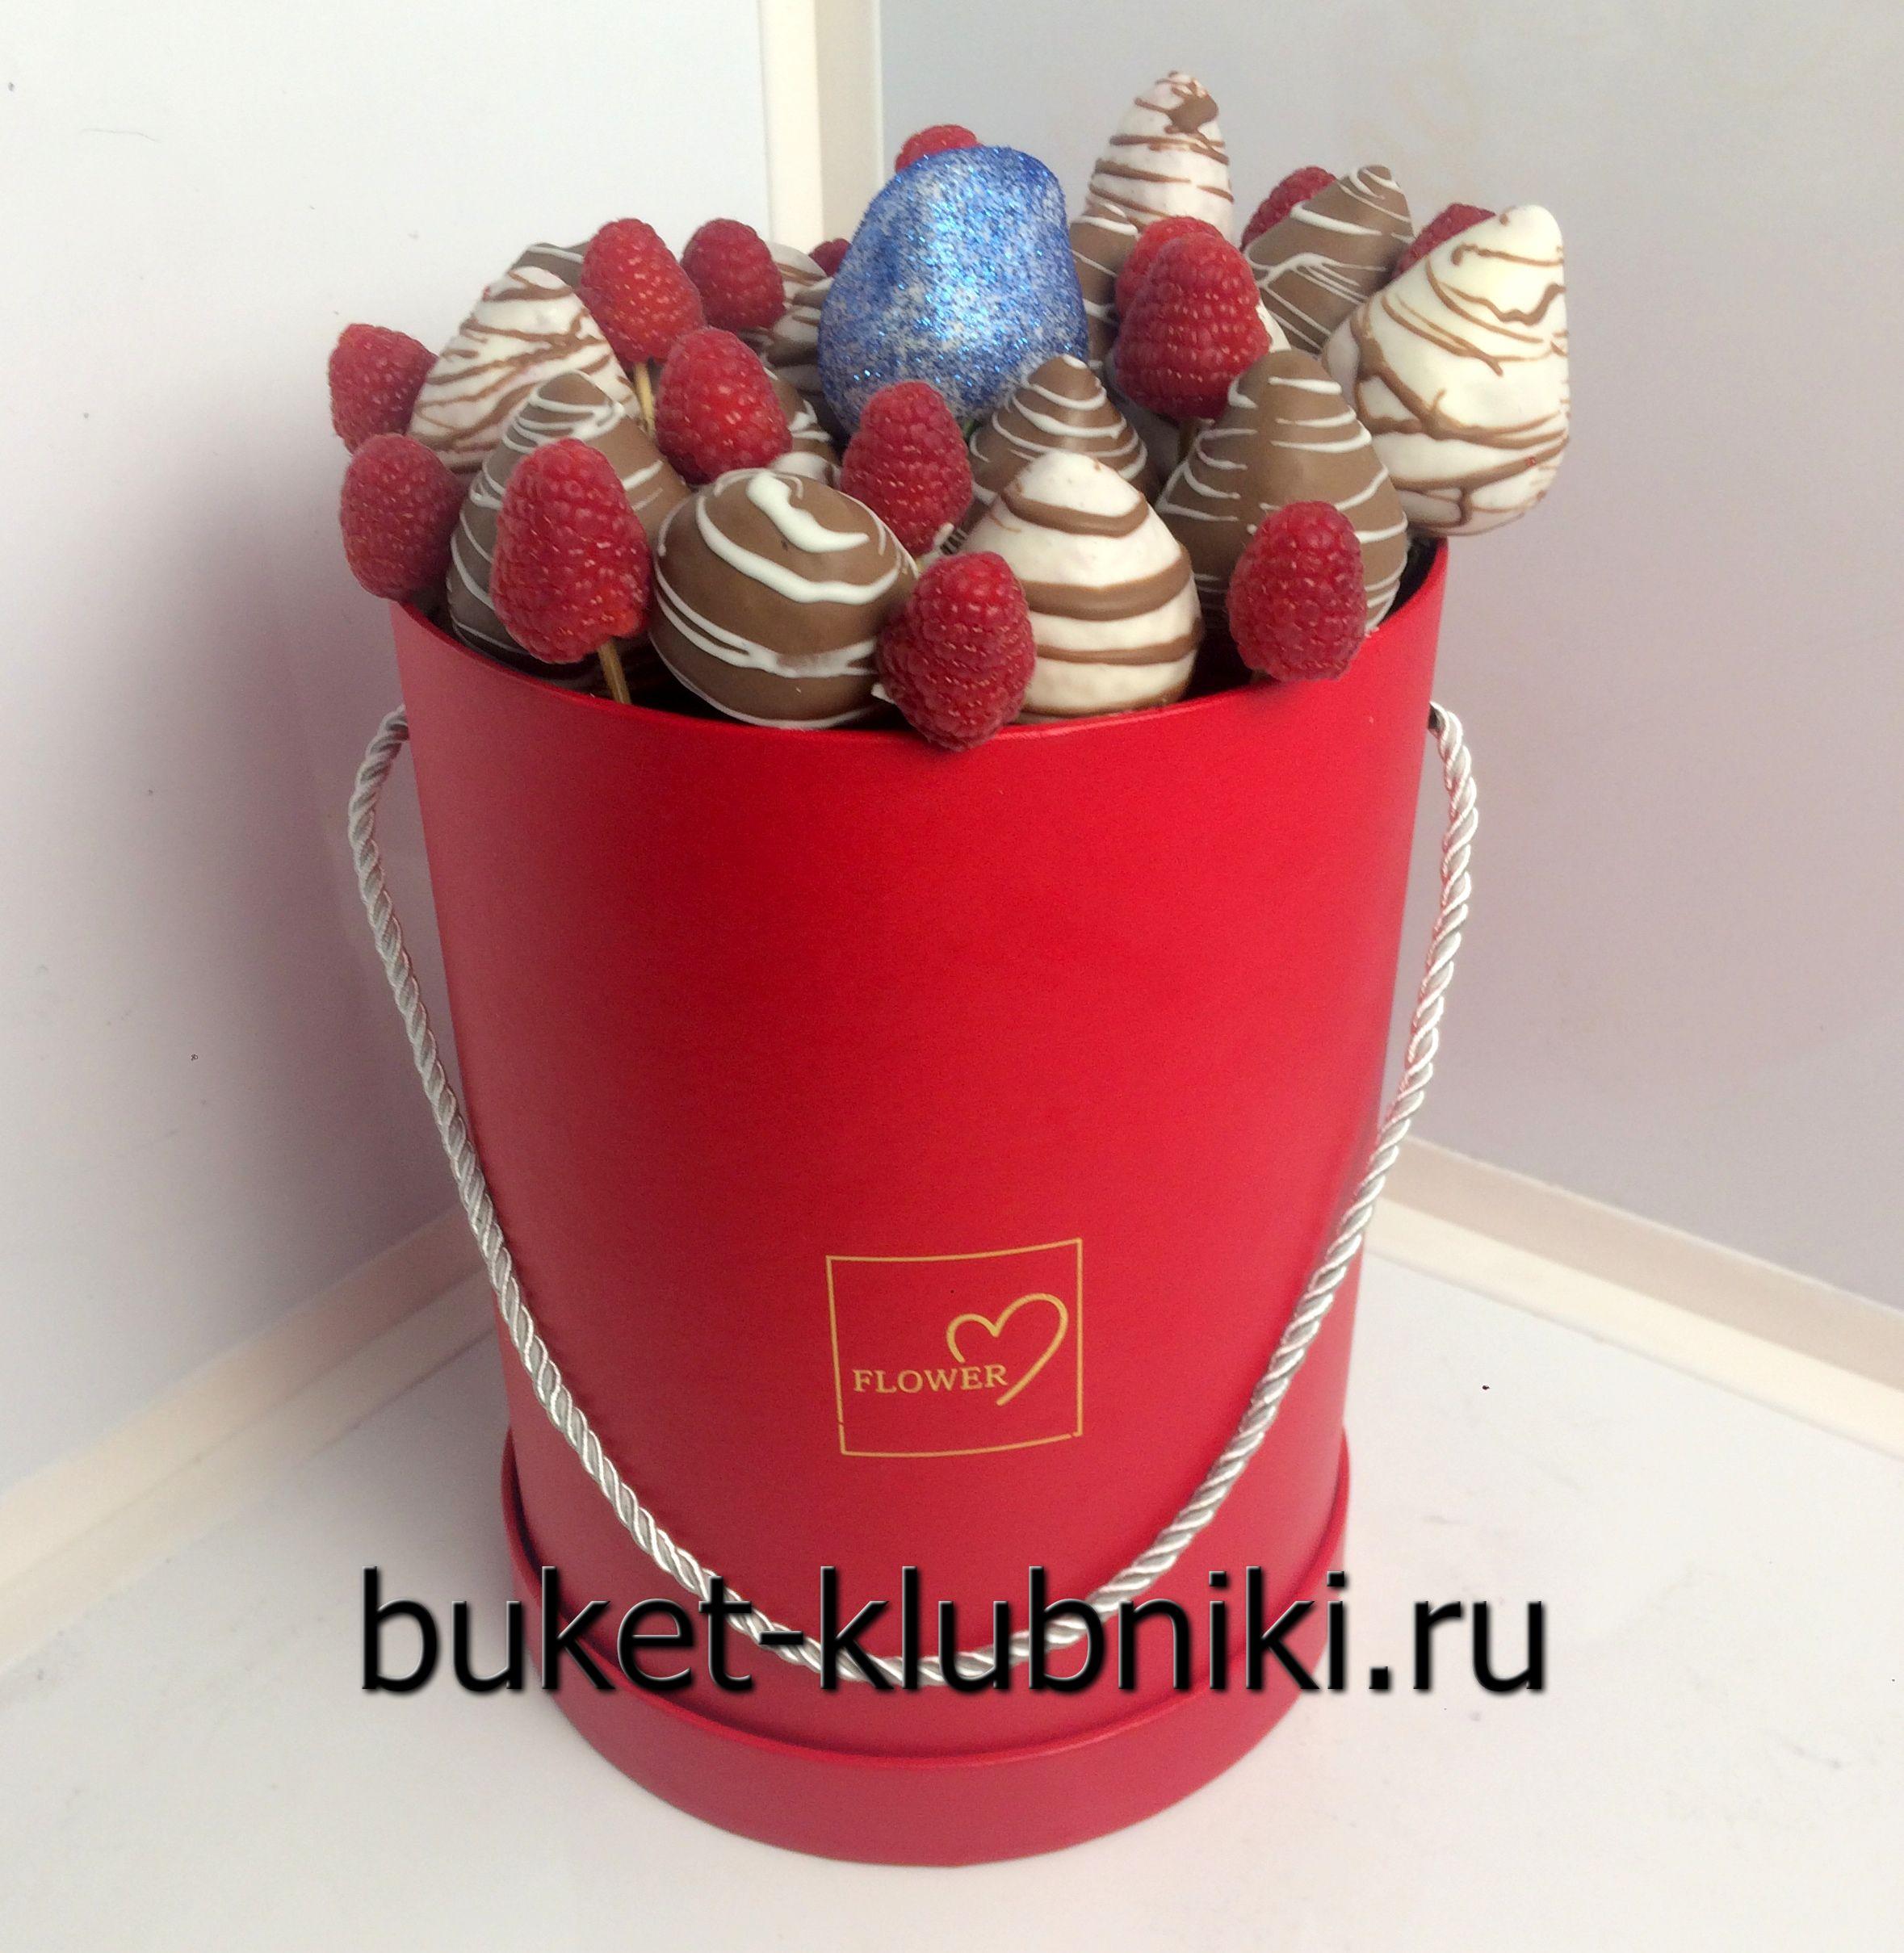 Шляпные коробки с клубникой в шоколаде